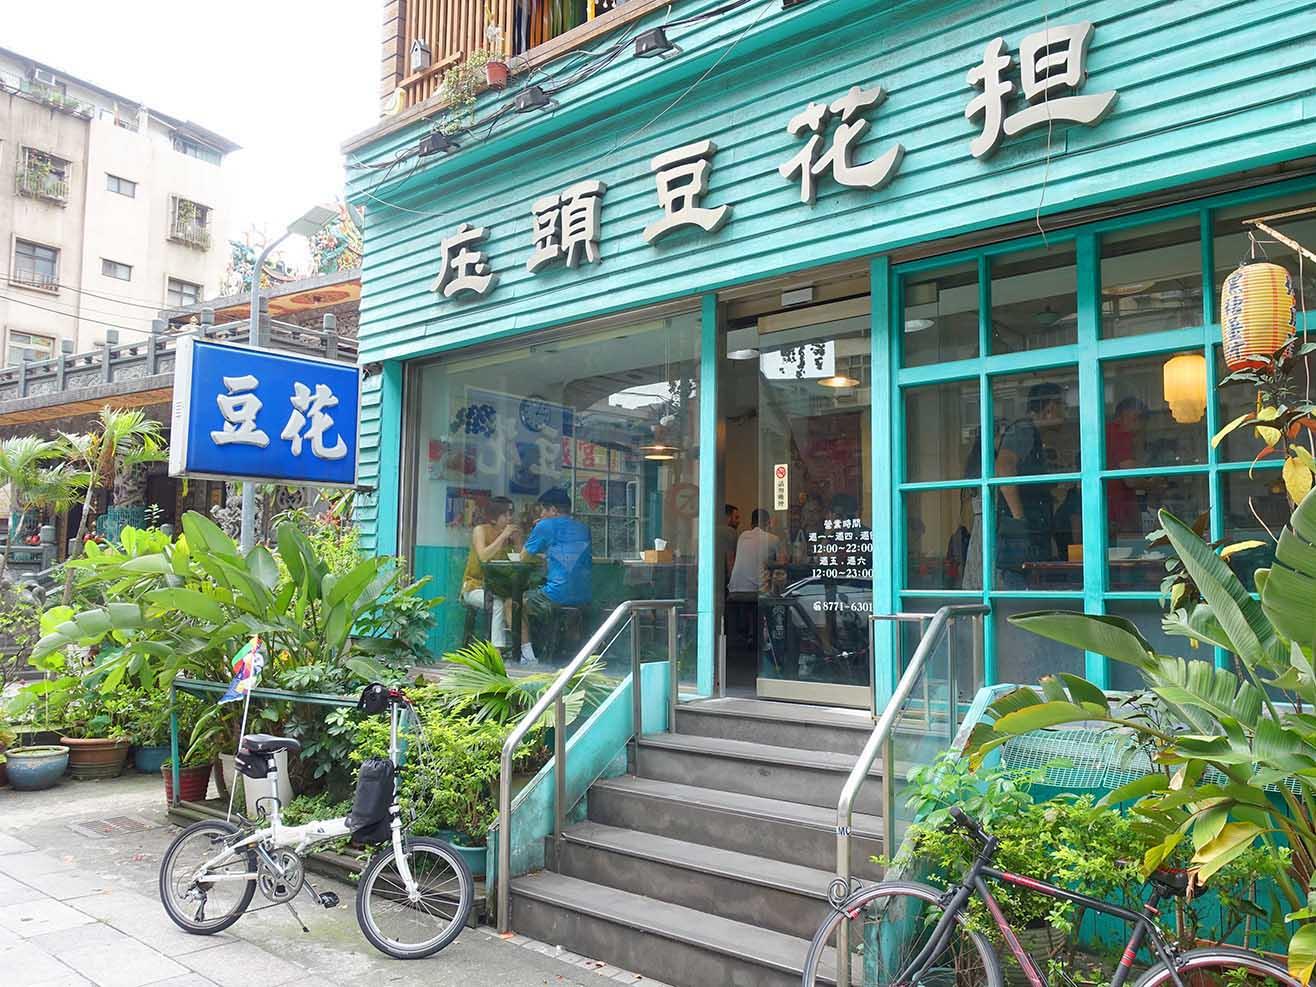 台北・忠孝復興駅(東區)のおすすめグルメ店「庄頭豆花担」の外観